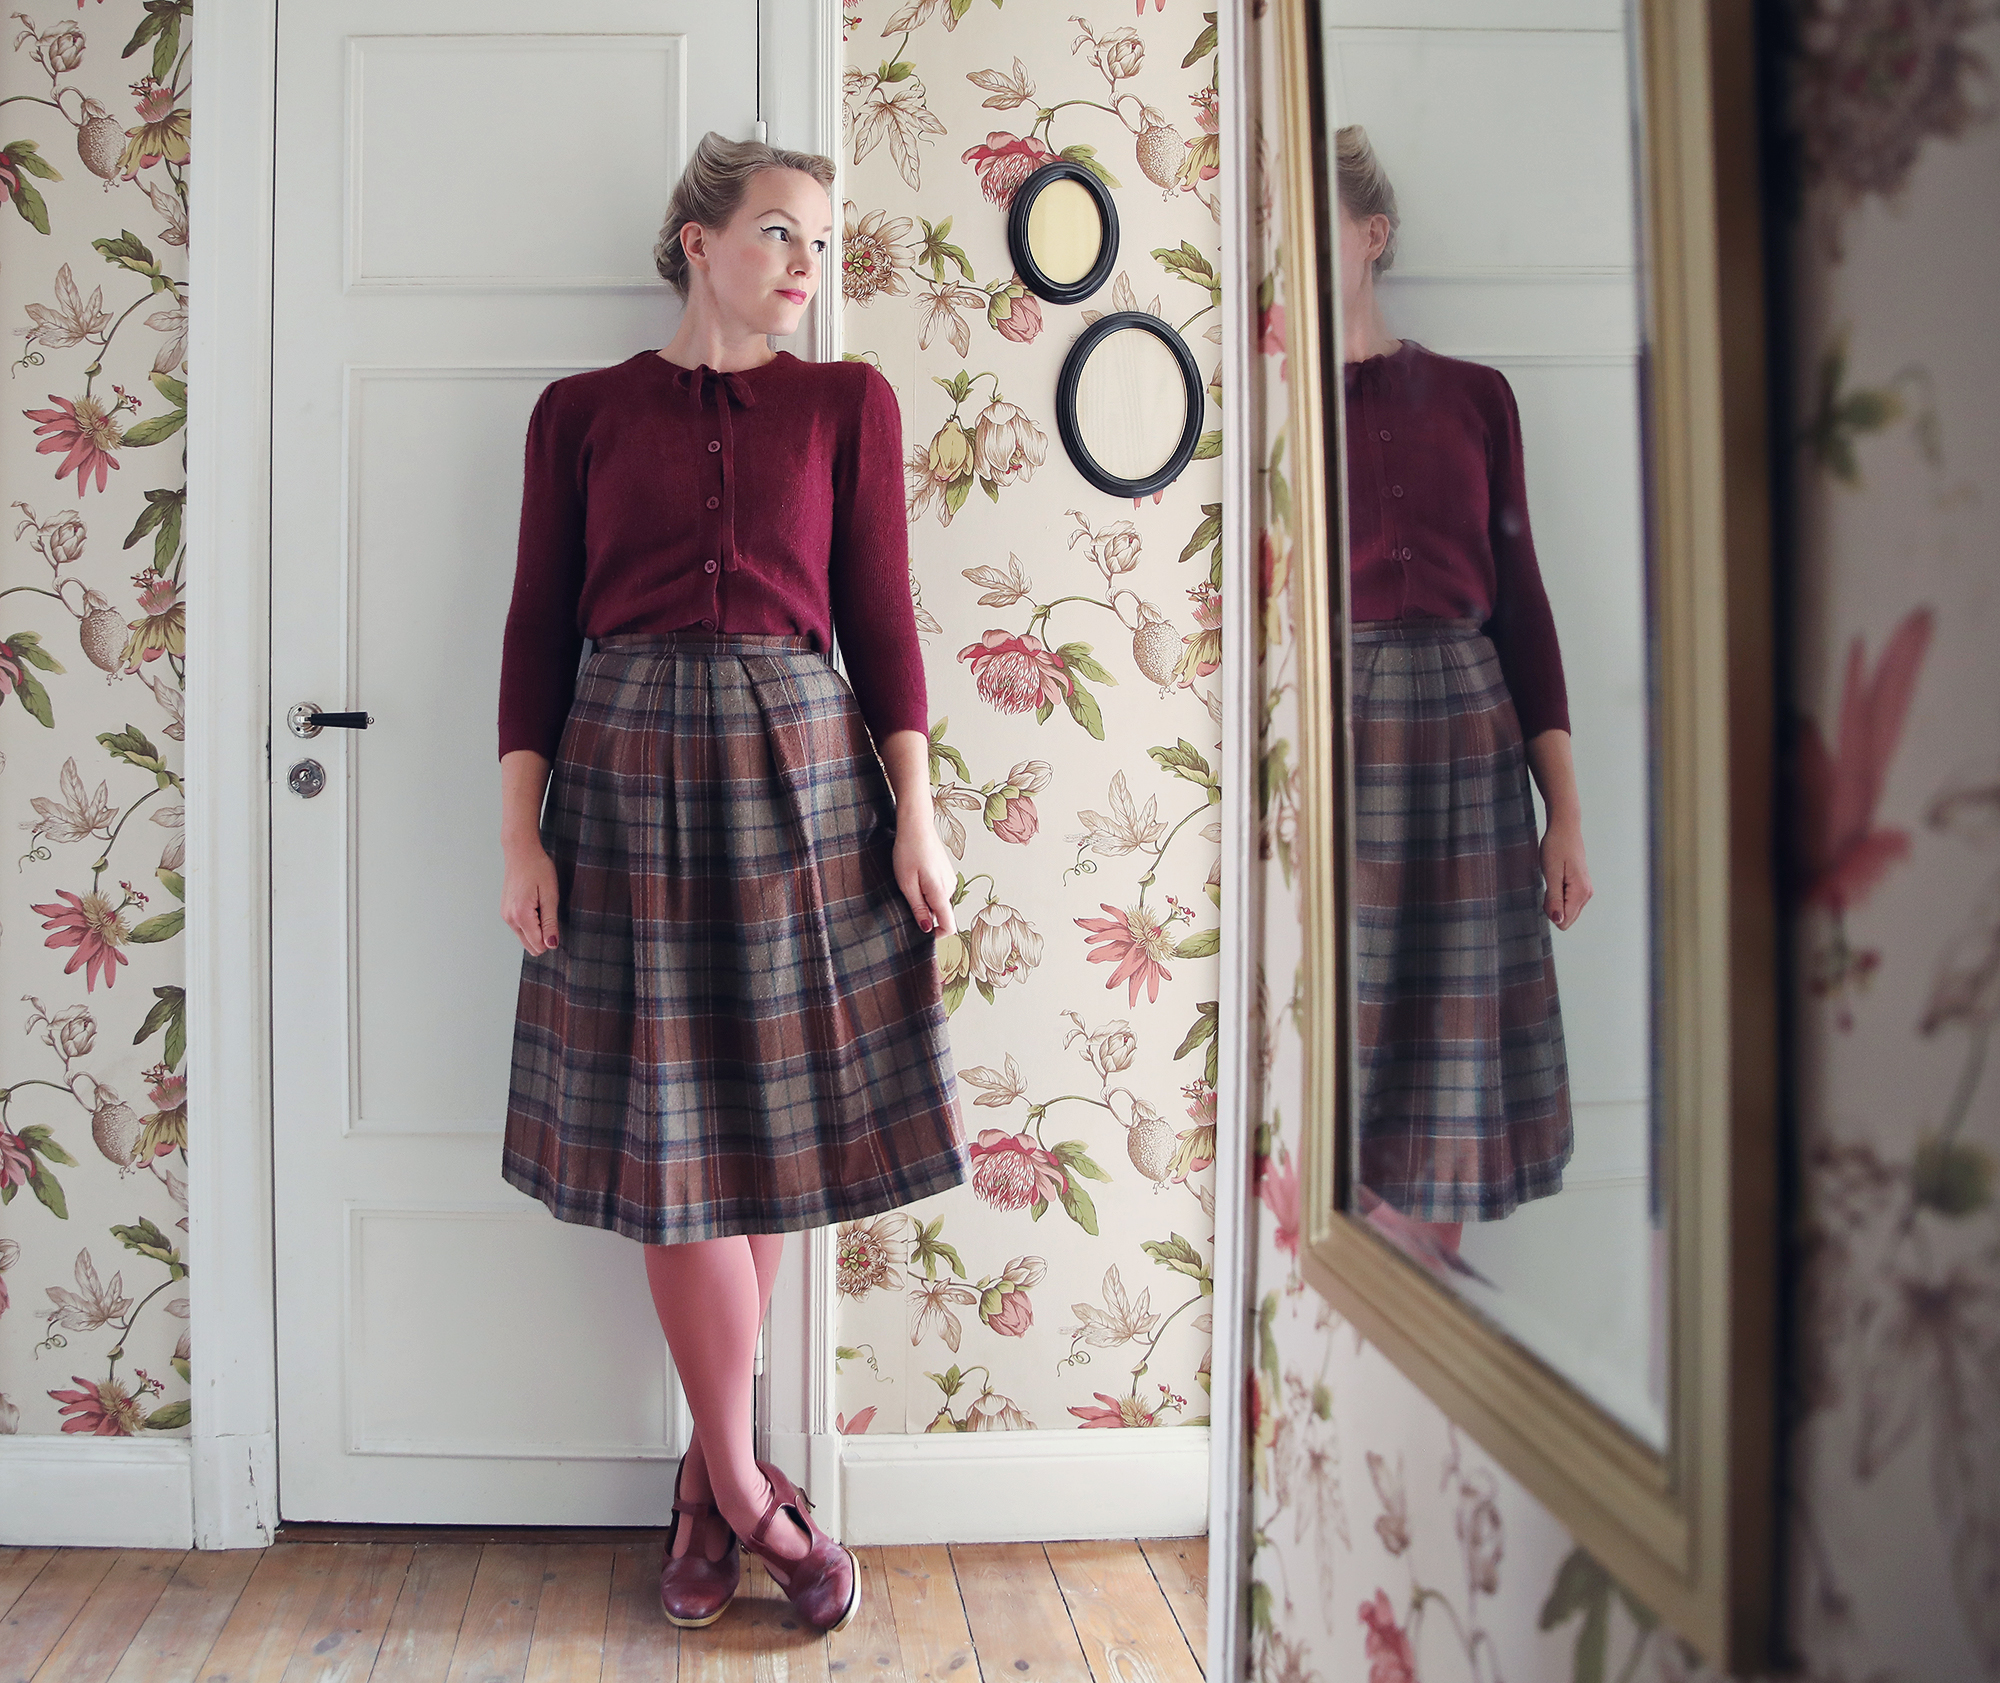 0fd266f4869 Den här hemmajobbar-onsdagen slöjar jag i vinröd kashmir från Emmaus vintage,  rutig kjol från Myrorna, rosa strumpbyxor från Lindex och snart  sönderälskade ...